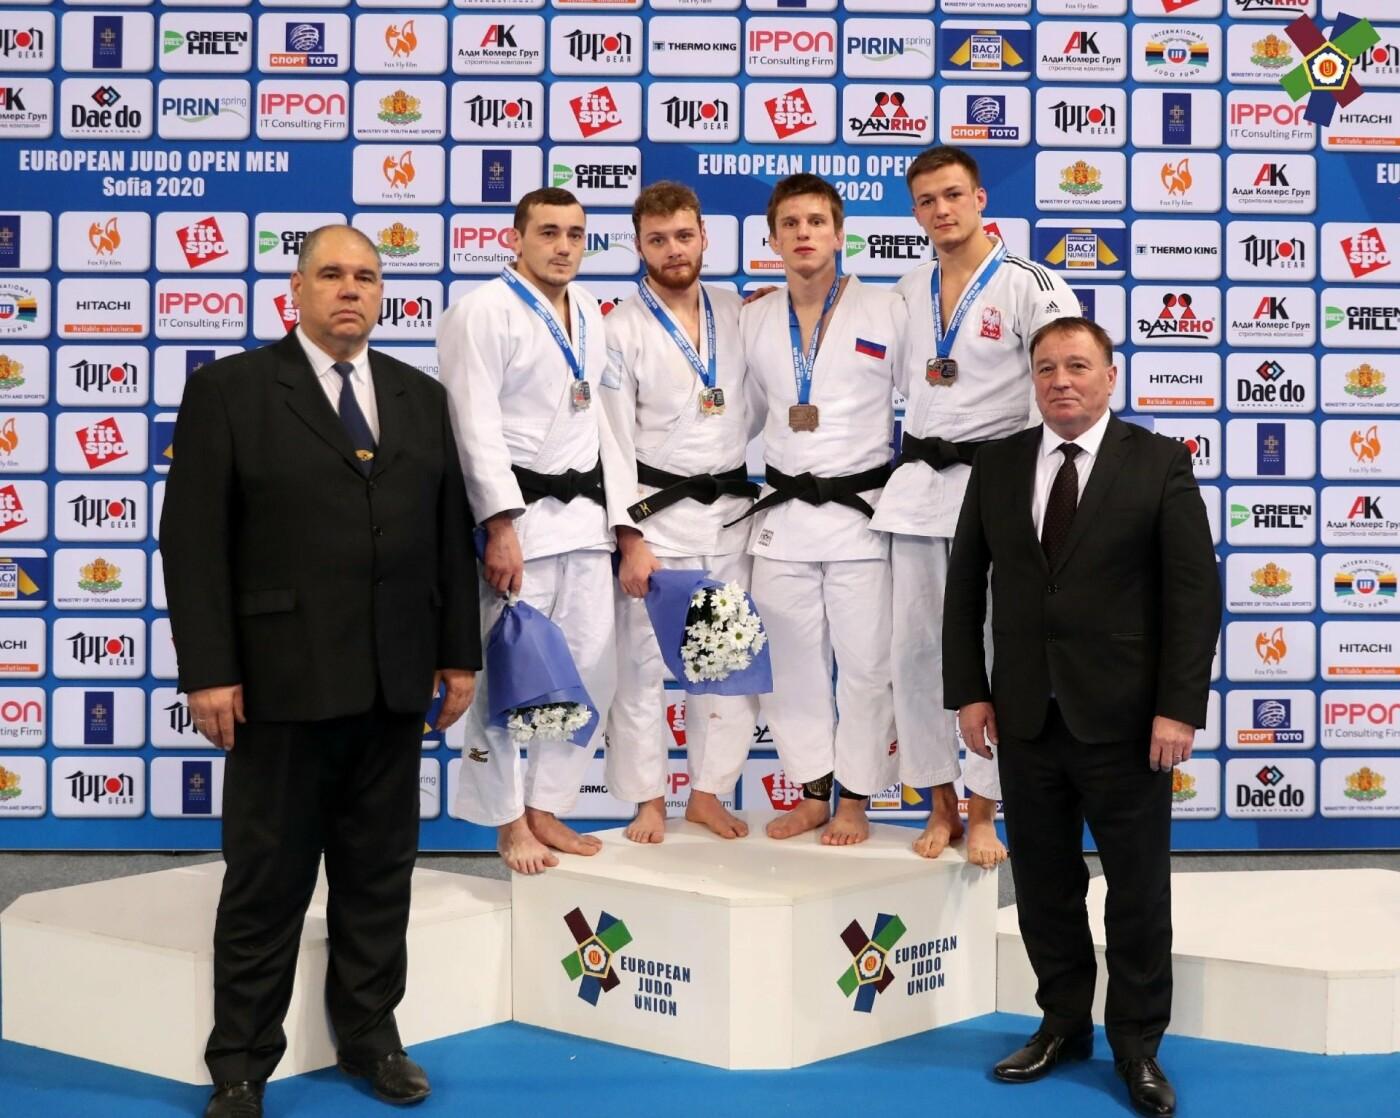 Дзюдоист из Днепра добыл серебро на Континентальном Кубке Европы, - ФОТО, фото-3